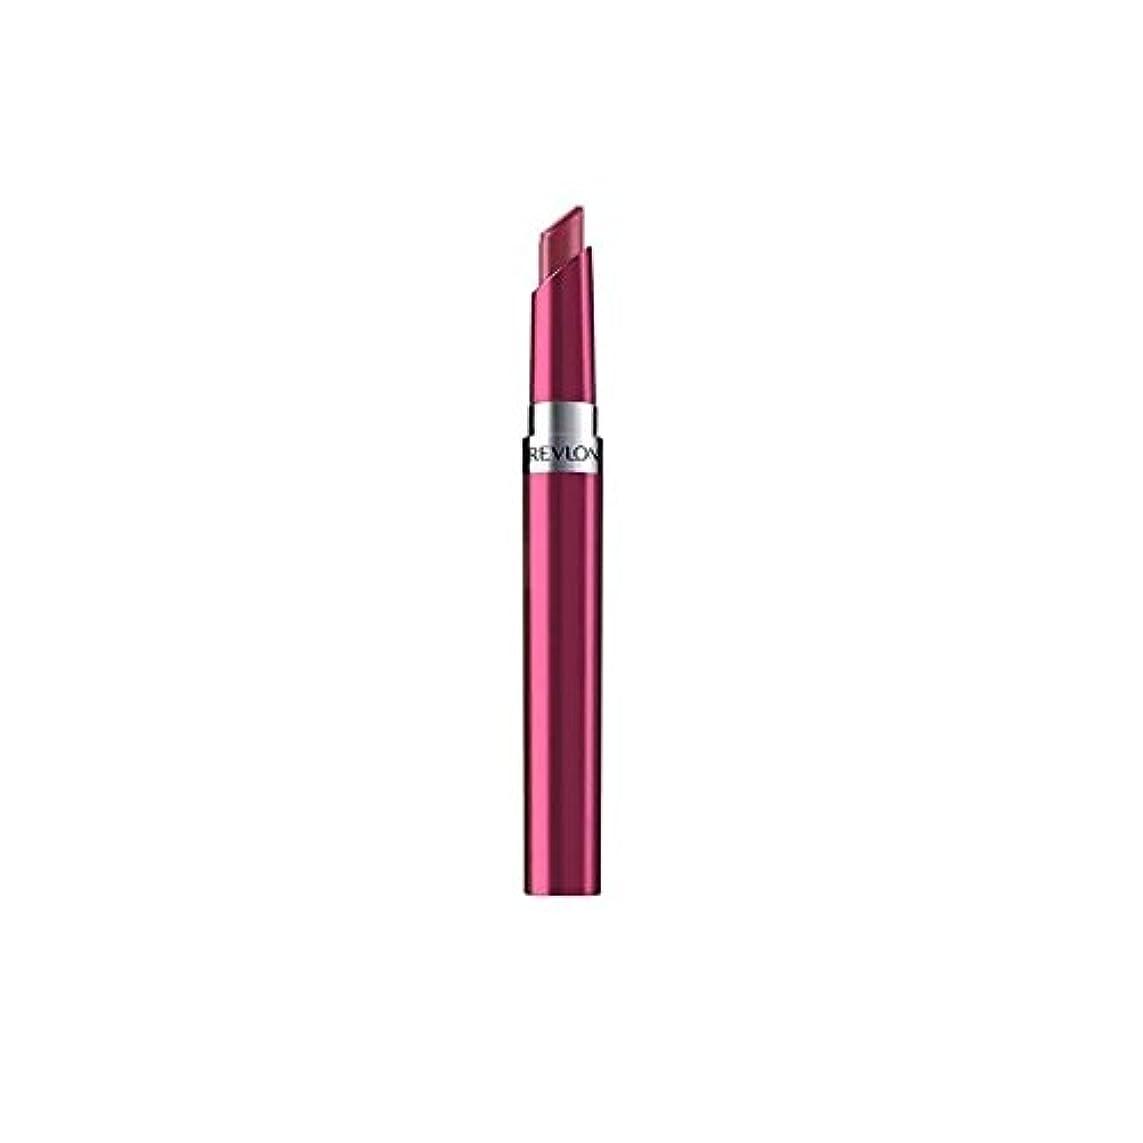 サバント当社複製レブロンウルトラゲルのブドウ園 x4 - Revlon Ultra HD Gel Lipcolor Vineyard (Pack of 4) [並行輸入品]